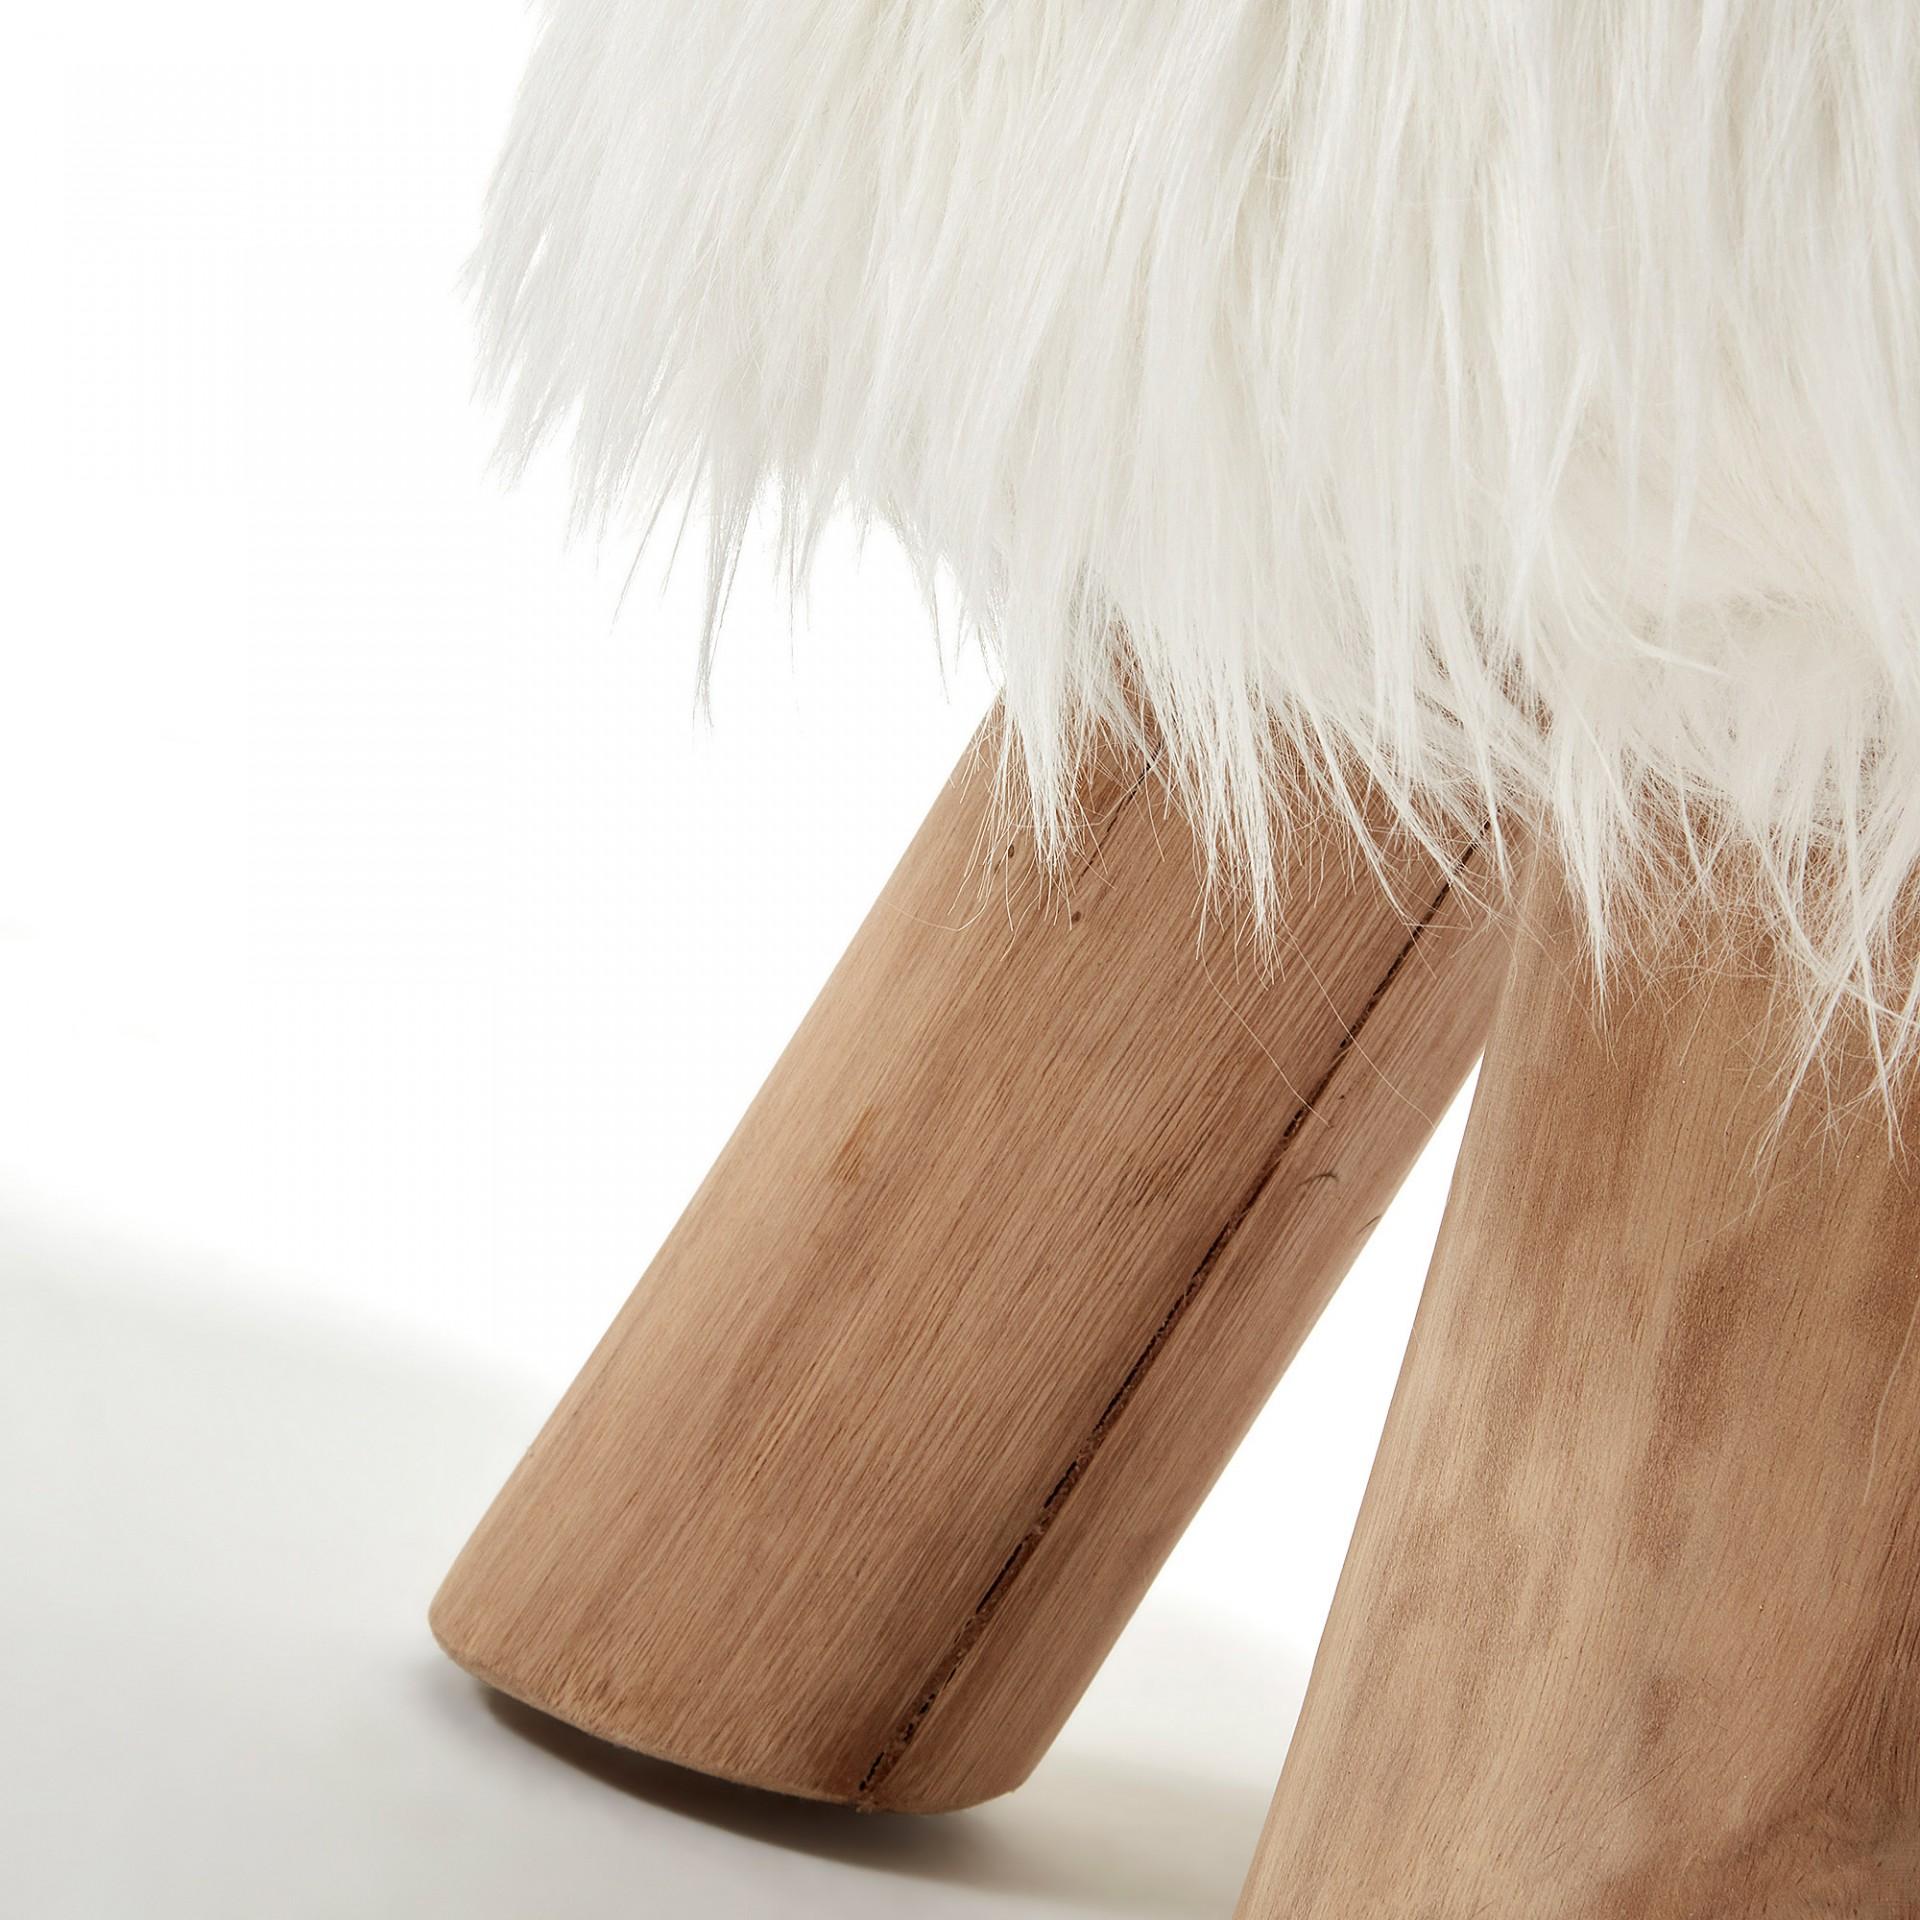 Banco c/forro em pele, madeira teca, Ø35x49 cm